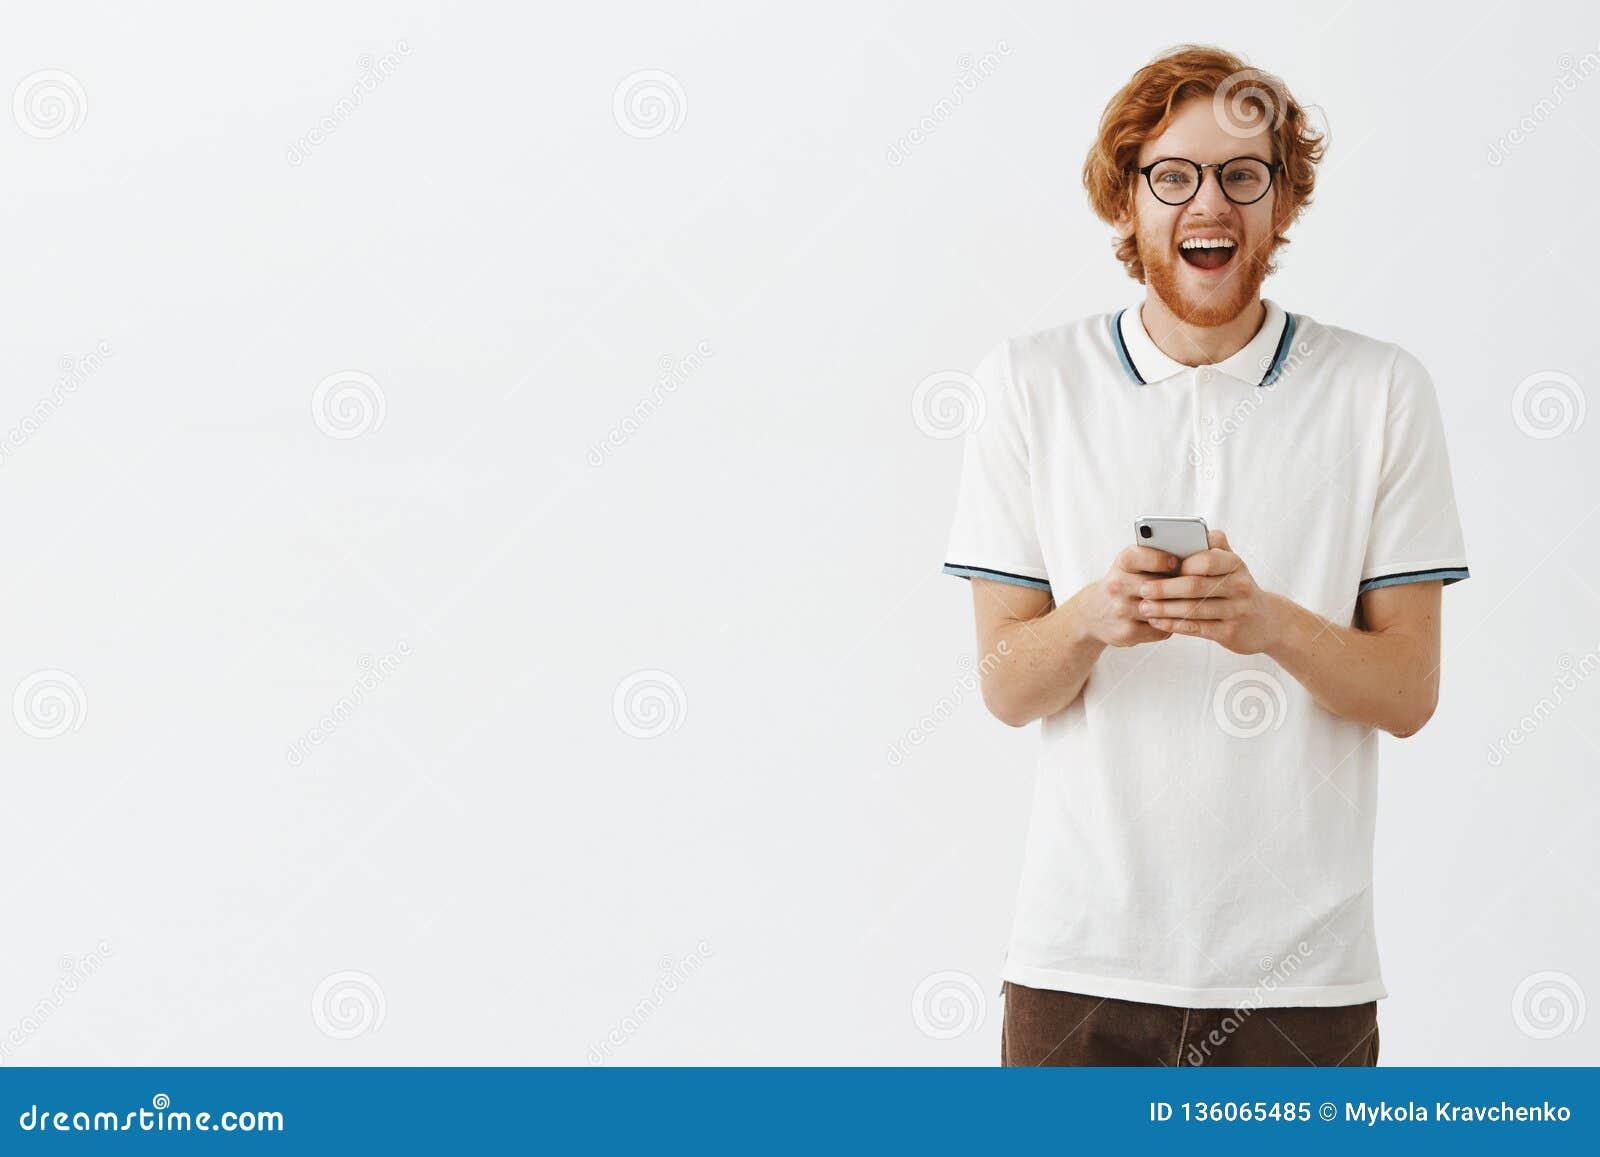 Salowy strzał z podnieceniem, entuzjastycznej śmiesznej rudzielec europejski facet w śmia się od szczęścia i